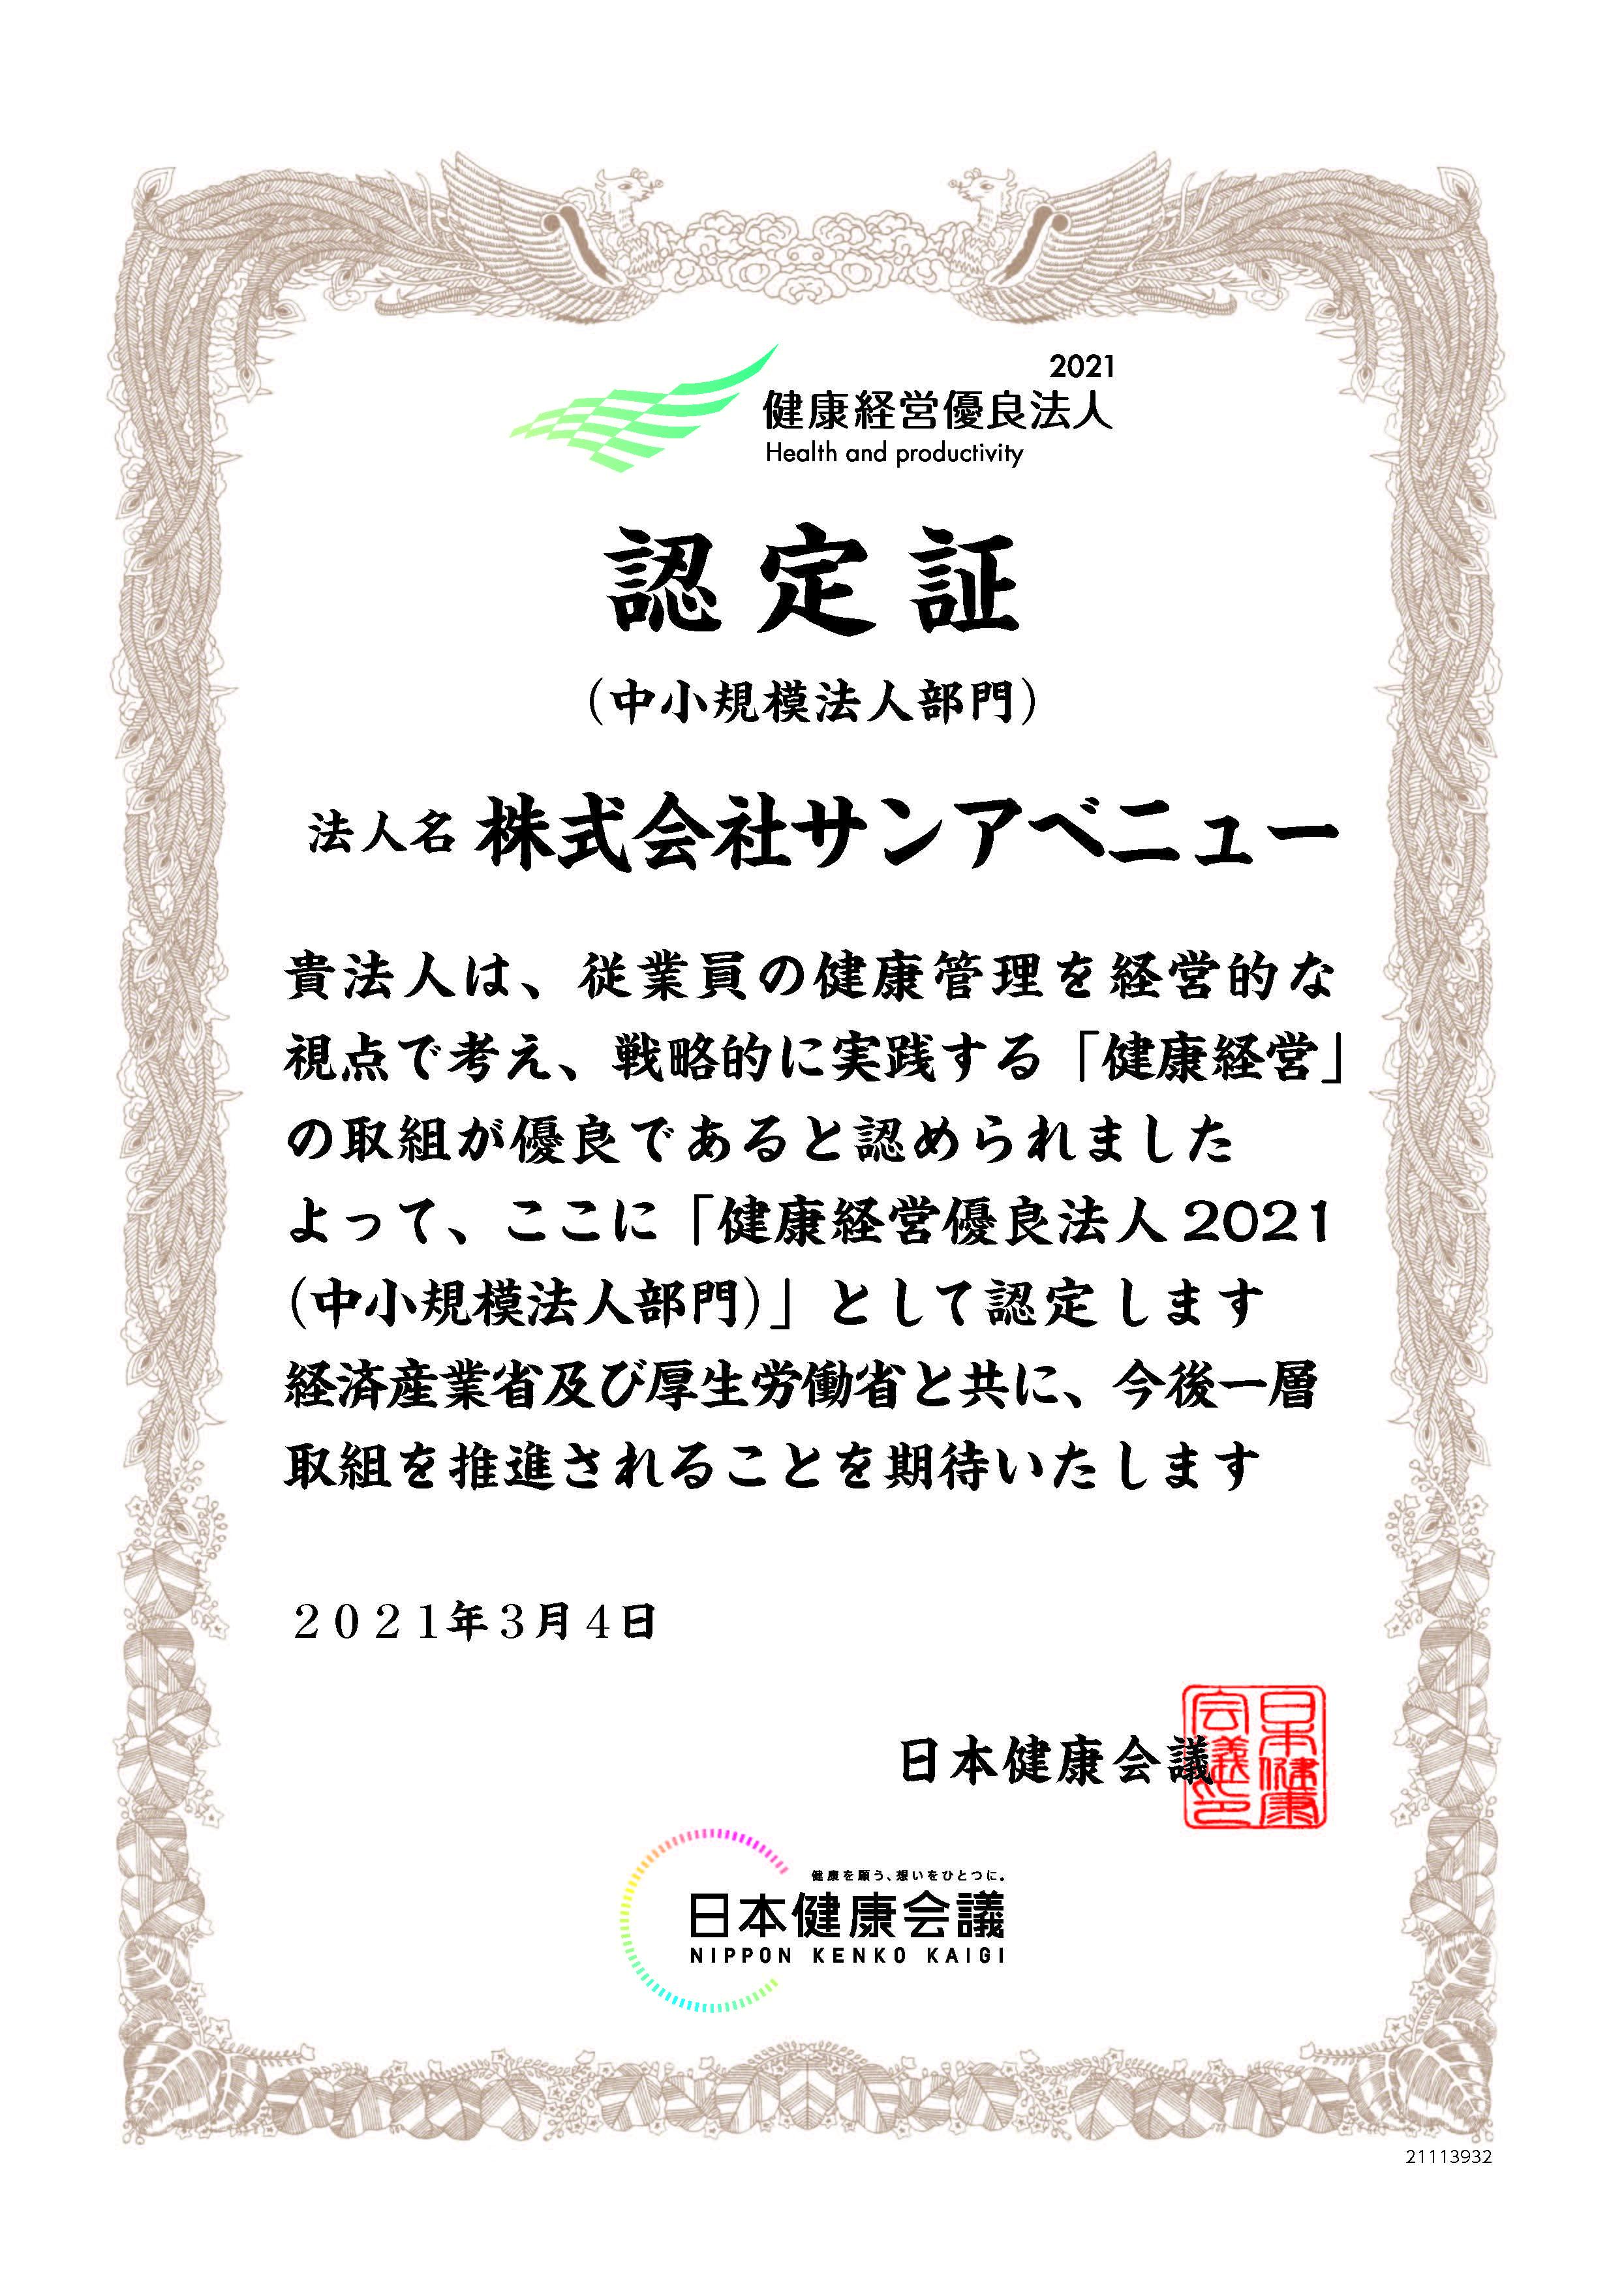 21113932_株式会社サンアベニュー